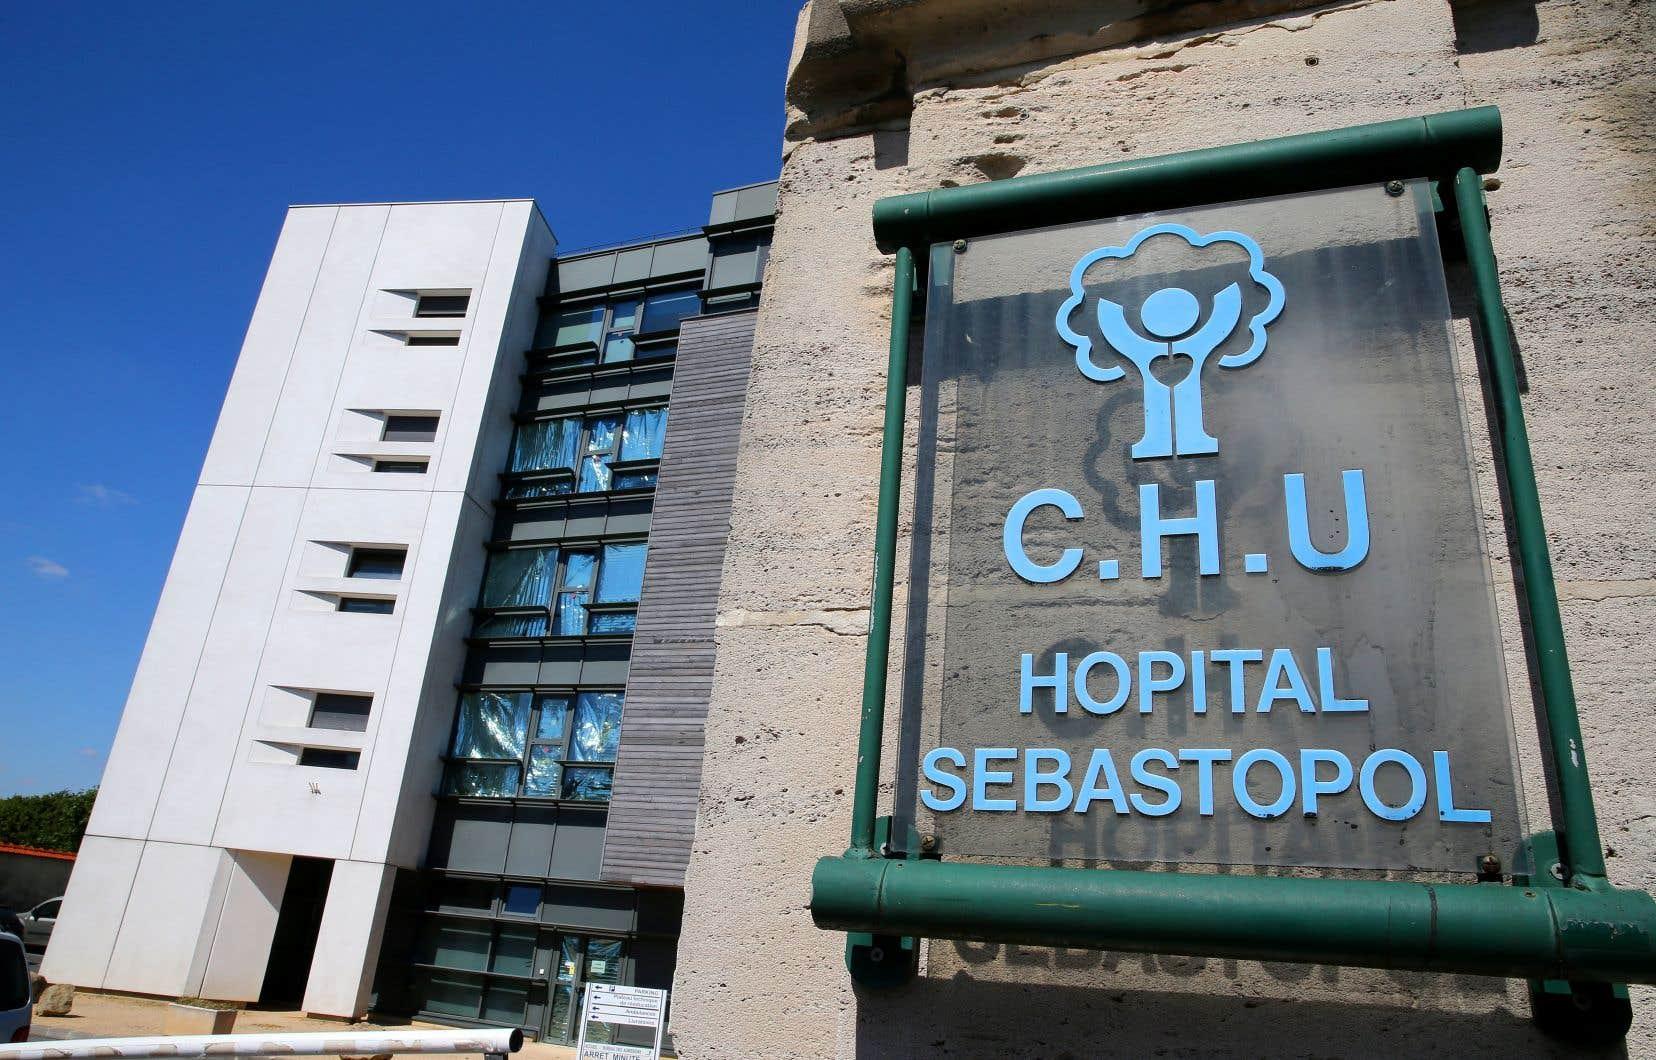 «C'est un assassinat déguisé, une euthanasie», a déclaré Pierre Lambert aux journalistes en arrivant dimanche au centre hospitalier Sébastopol de Reims.